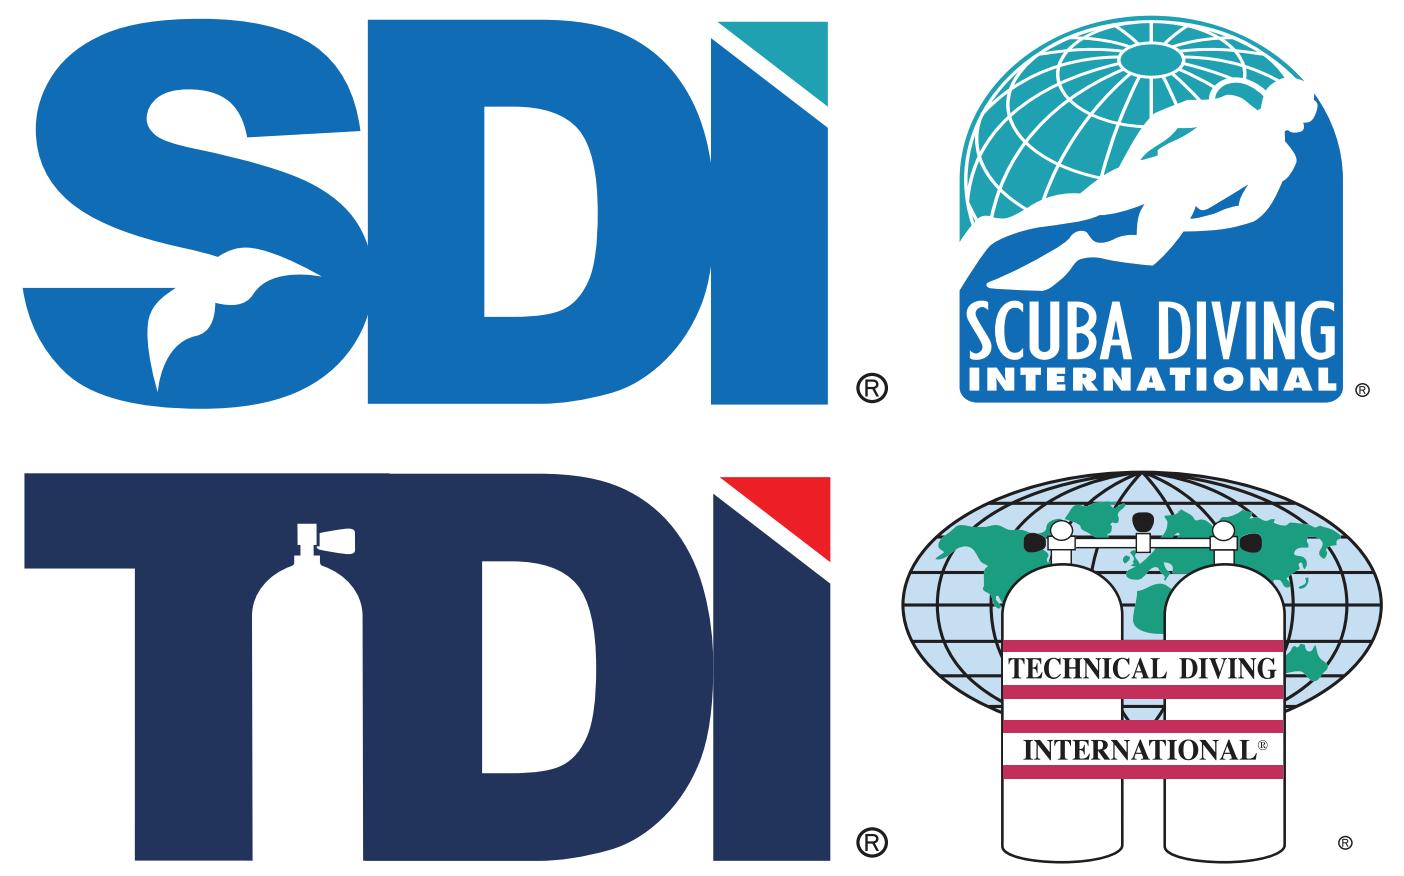 SDI / TDI Първа помощ, реанимация и подаване на кислород на пострадали - учебник на български език